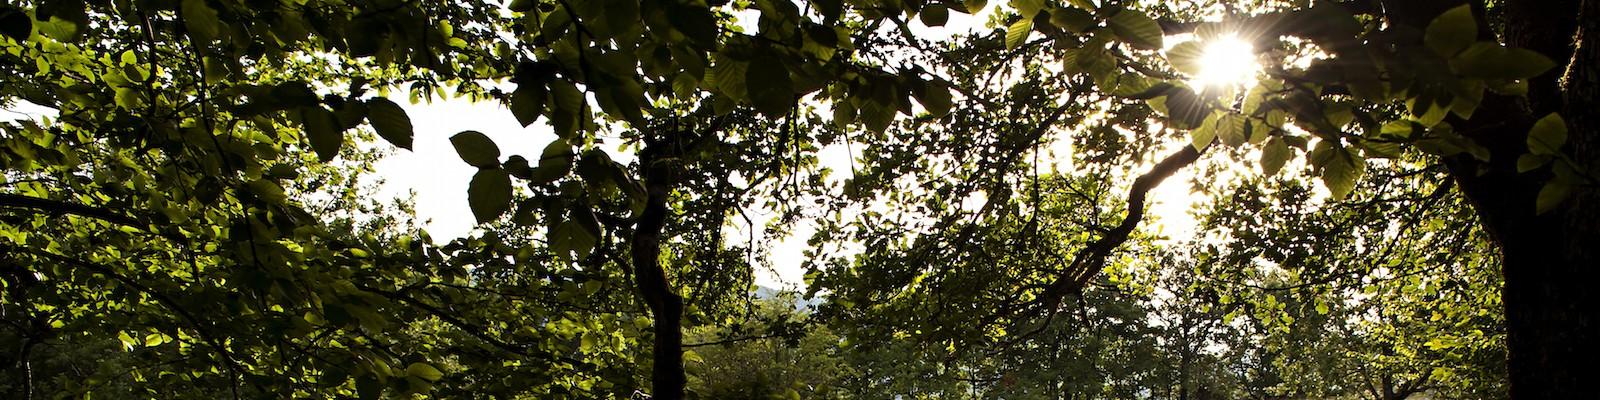 https://eeudf.org/environnement/wp-content/uploads/sites/16/2015/06/©Vali_Faucheux_2014_juillet_campété_Hostias_éclaireur_11-1600x400.jpg